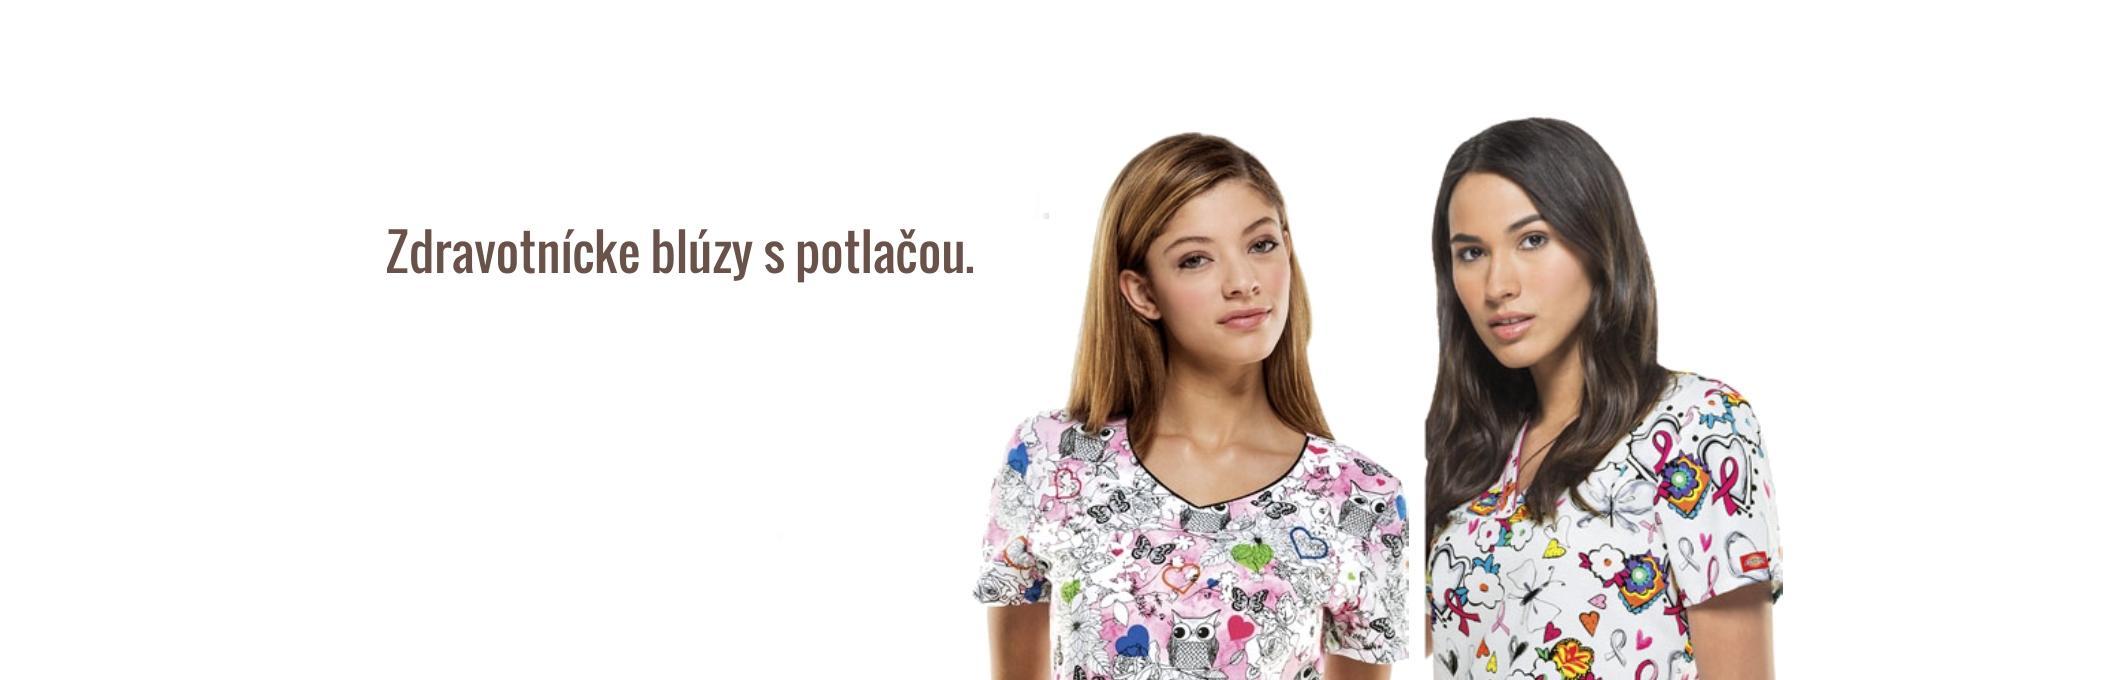 Slider_1_bluzy_s_potlacou_3.jpg